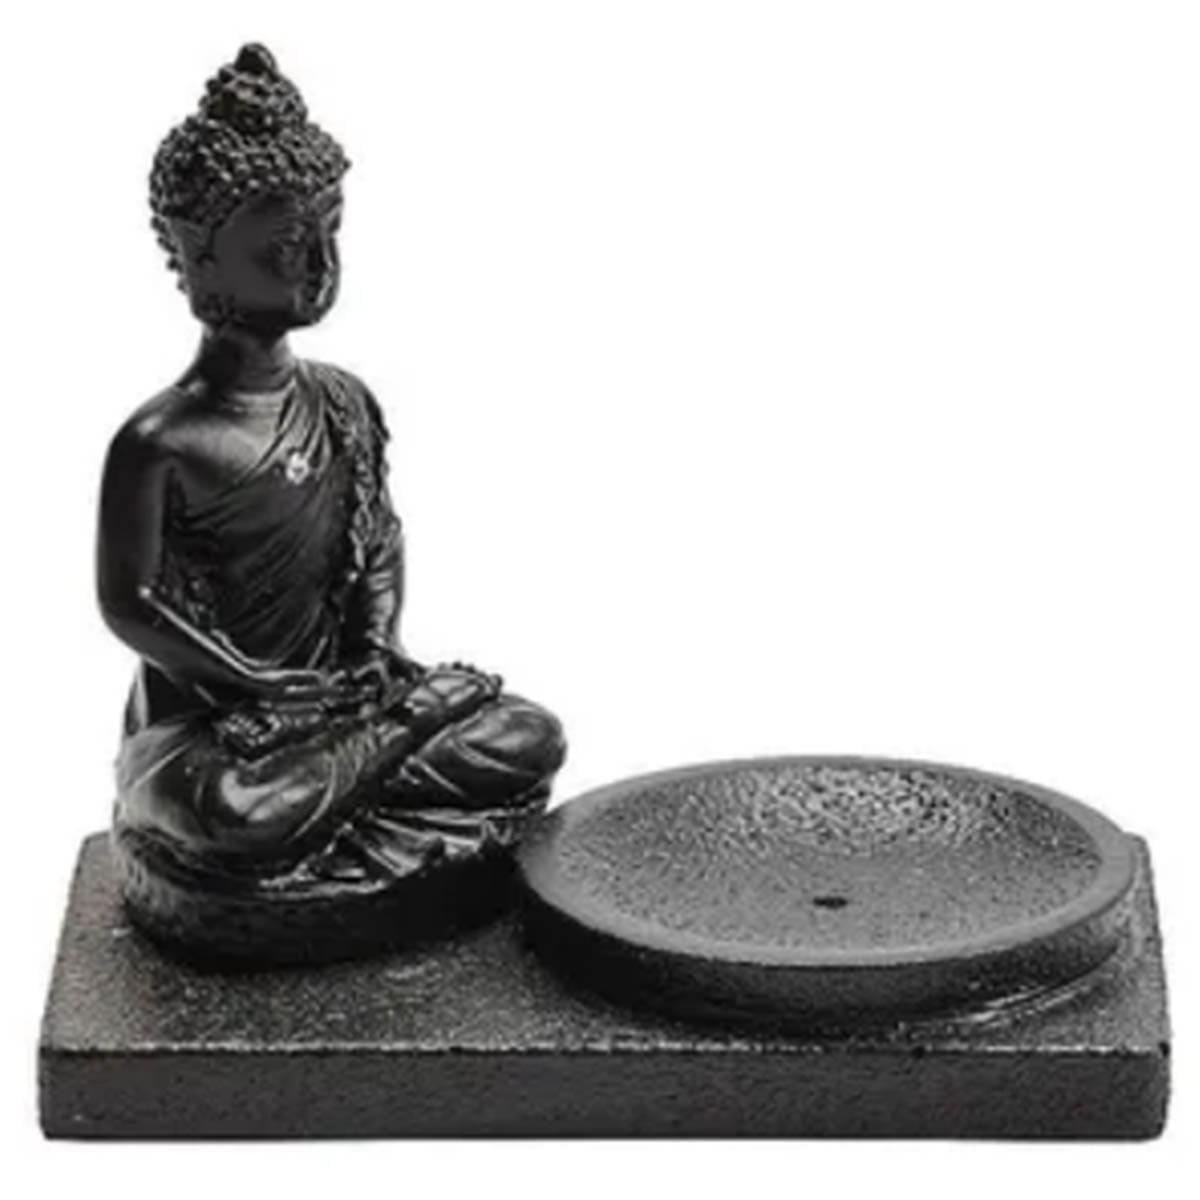 Incensário budha preto - central do incenso